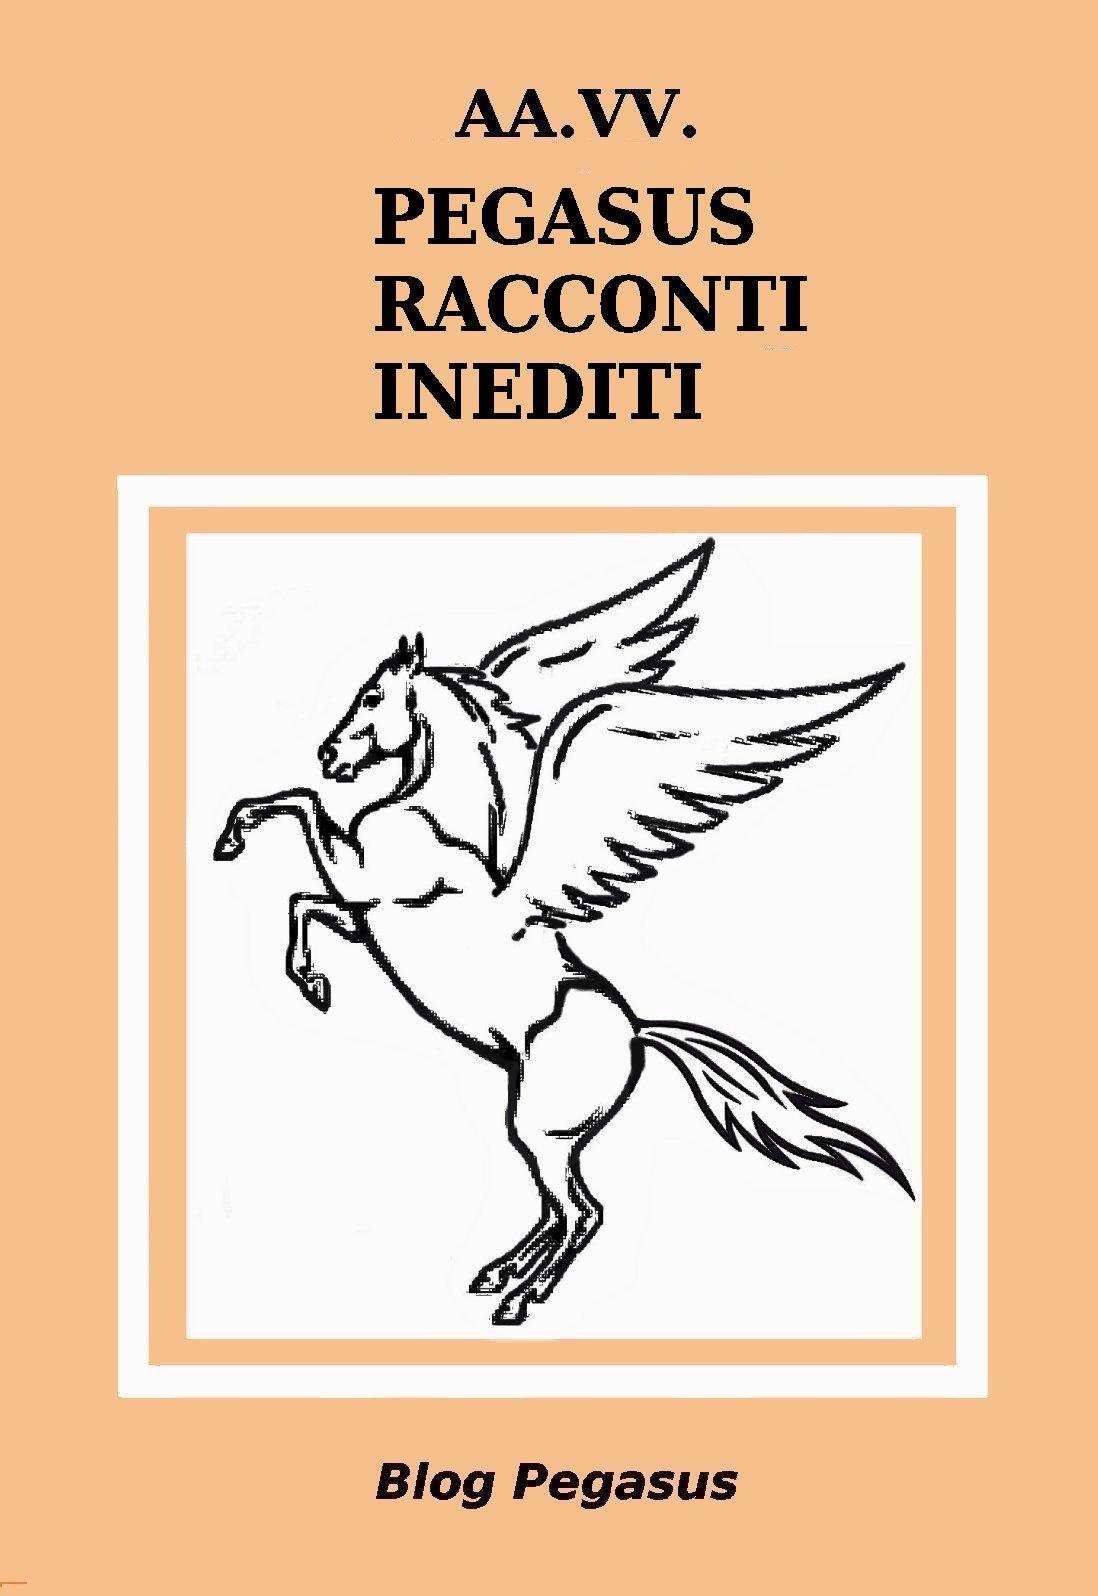 AA.VV. PEGASUS RACCONTI INEDITI